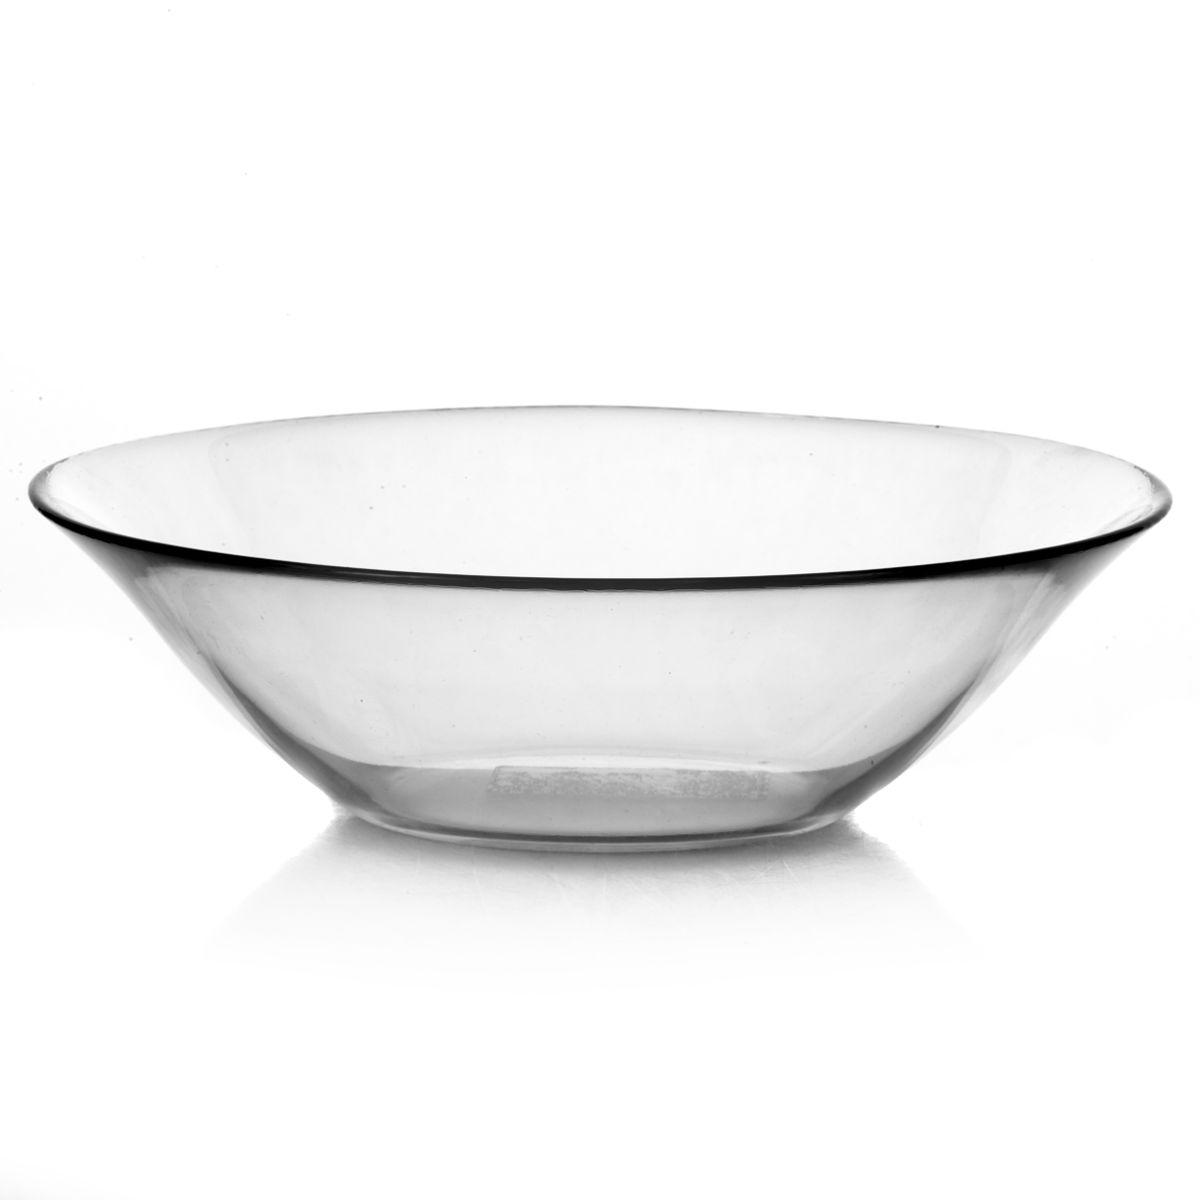 Салатник Pasabahce Invitation, диаметр 22,5 см10415BСалатник Pasabahce Invitation, выполненный из прозрачного высококачественного натрий- кальций-силикатного стекла, предназначен для красивой сервировки различных блюд. Салатник сочетает в себе лаконичный дизайн с максимальной функциональностью. Оригинальность оформления придется по вкусу и ценителям классики, и тем, кто предпочитает утонченность и изящность. Можно использовать в холодильной камере, микроволновой печи и мыть в посудомоечной машине. Диаметр салатника: 22,5 см. Высота салатника: 7 см.